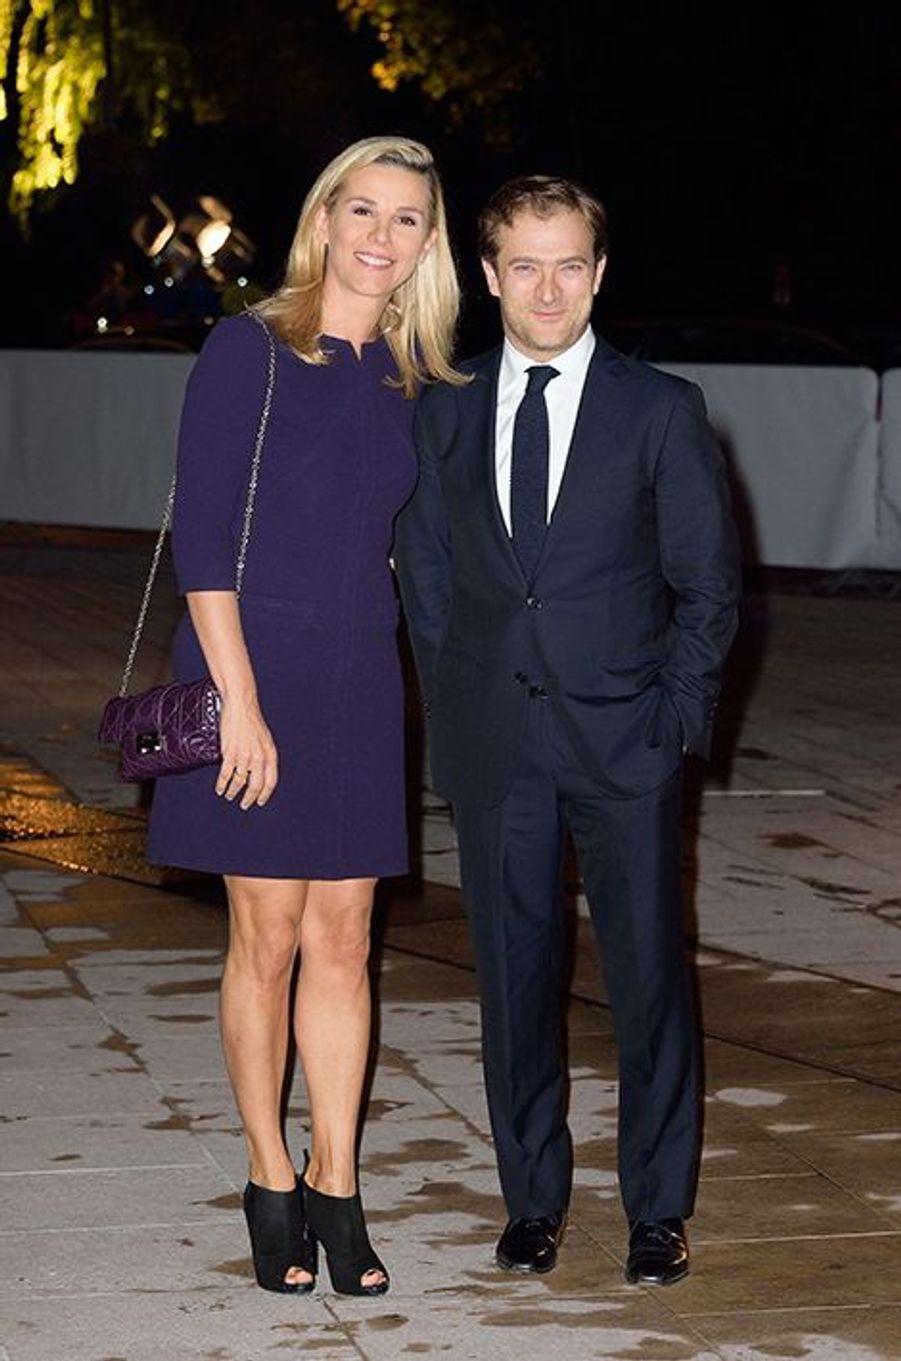 Laurence Ferrari et son compagnon, Renaud Capuçon, à l'inauguration de la Fondation Louis Vuitton le 20 octobre 2014 à Paris